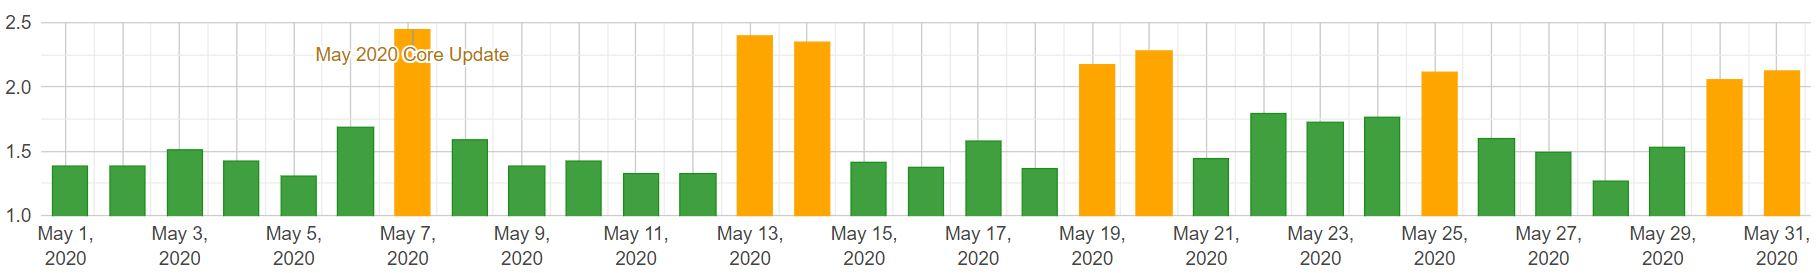 SERP changes mobile maj 2020